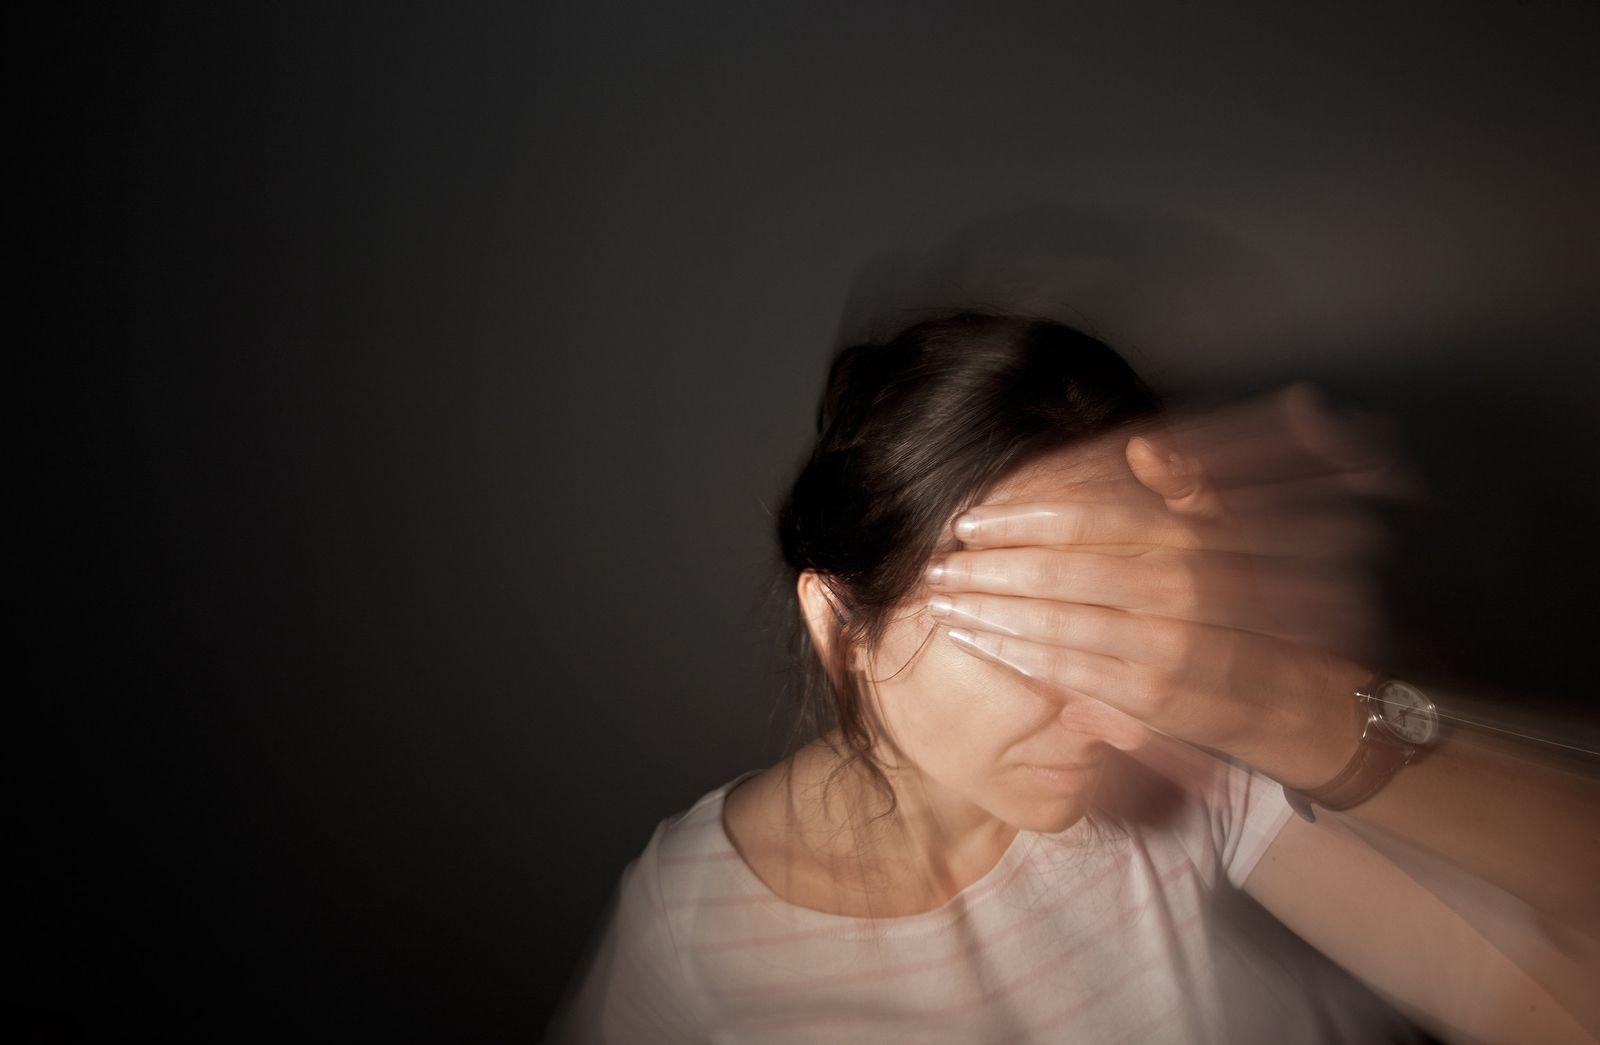 Kopfschmerzen/ Migräne